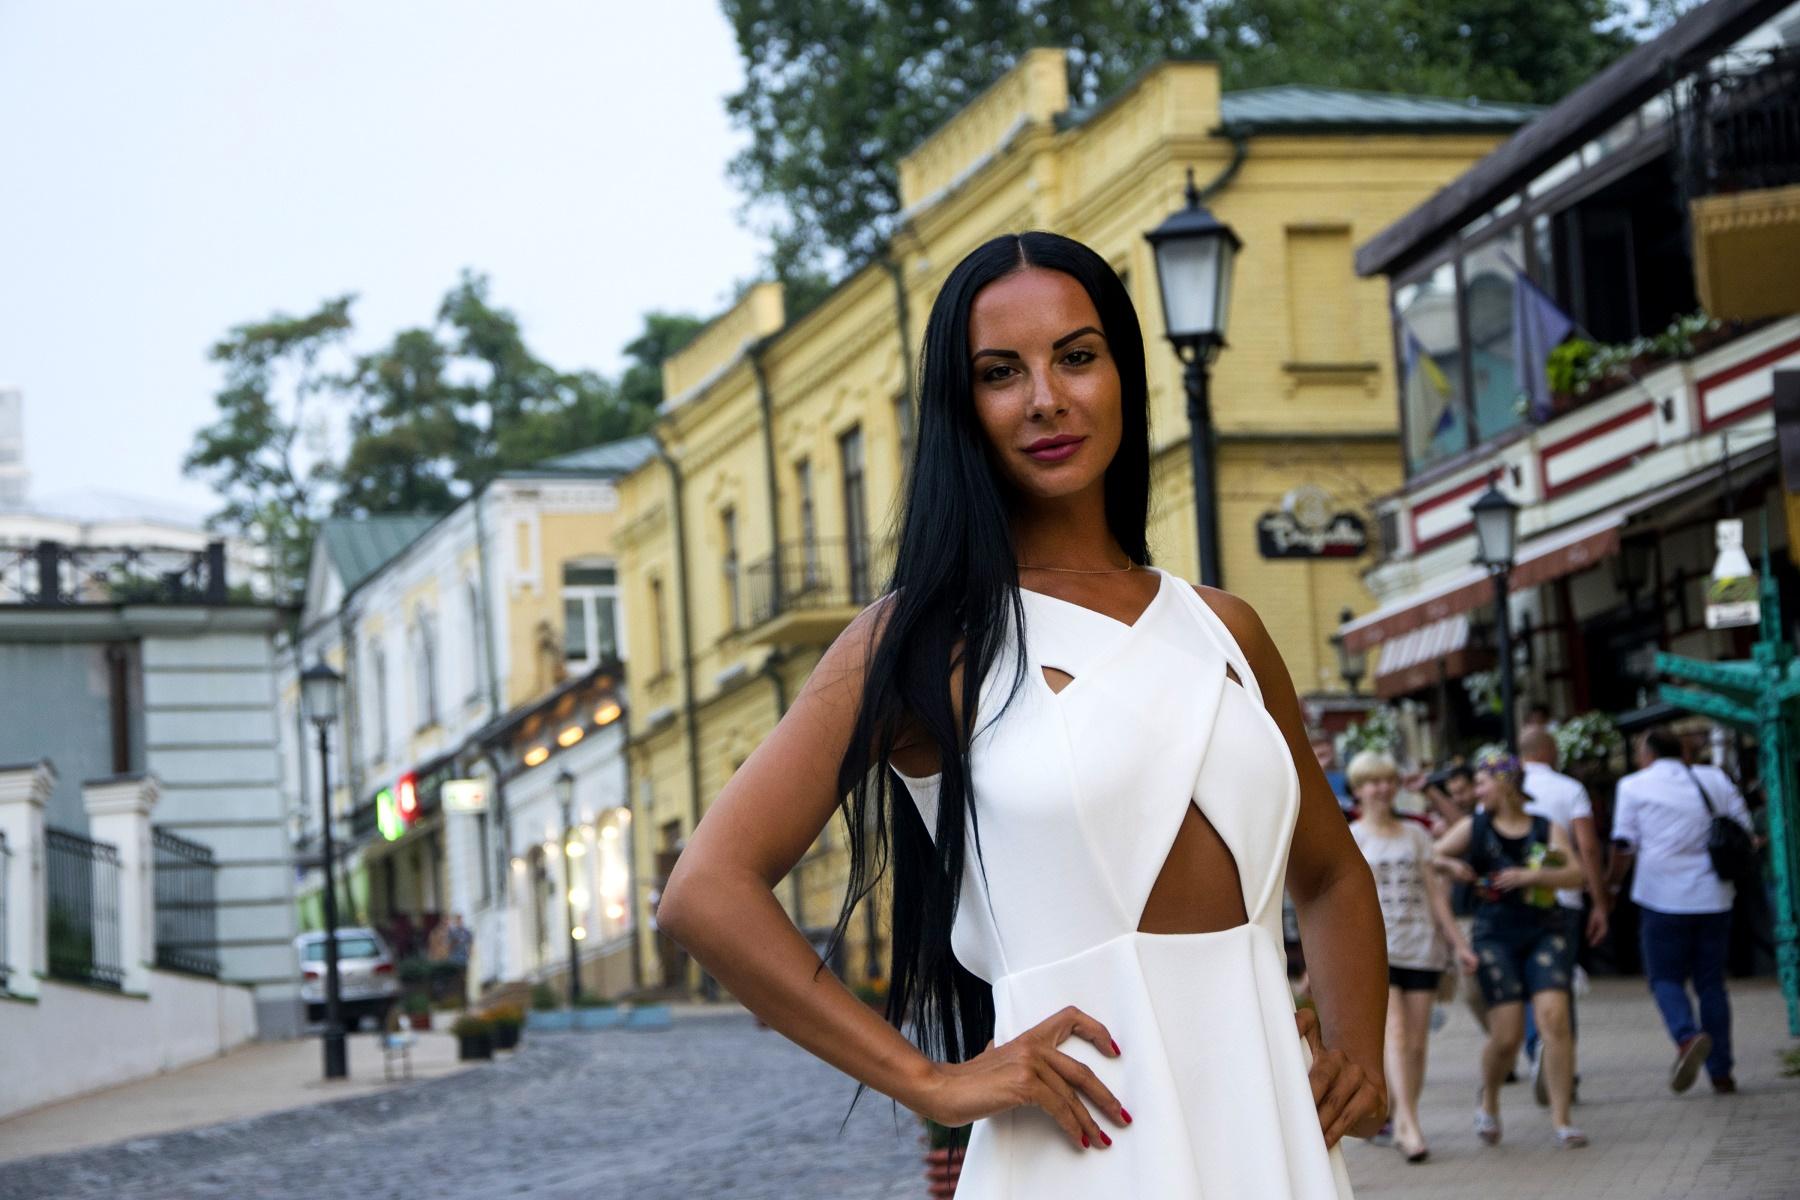 Людмила Милевич предлагает сначала навести порядок в стране